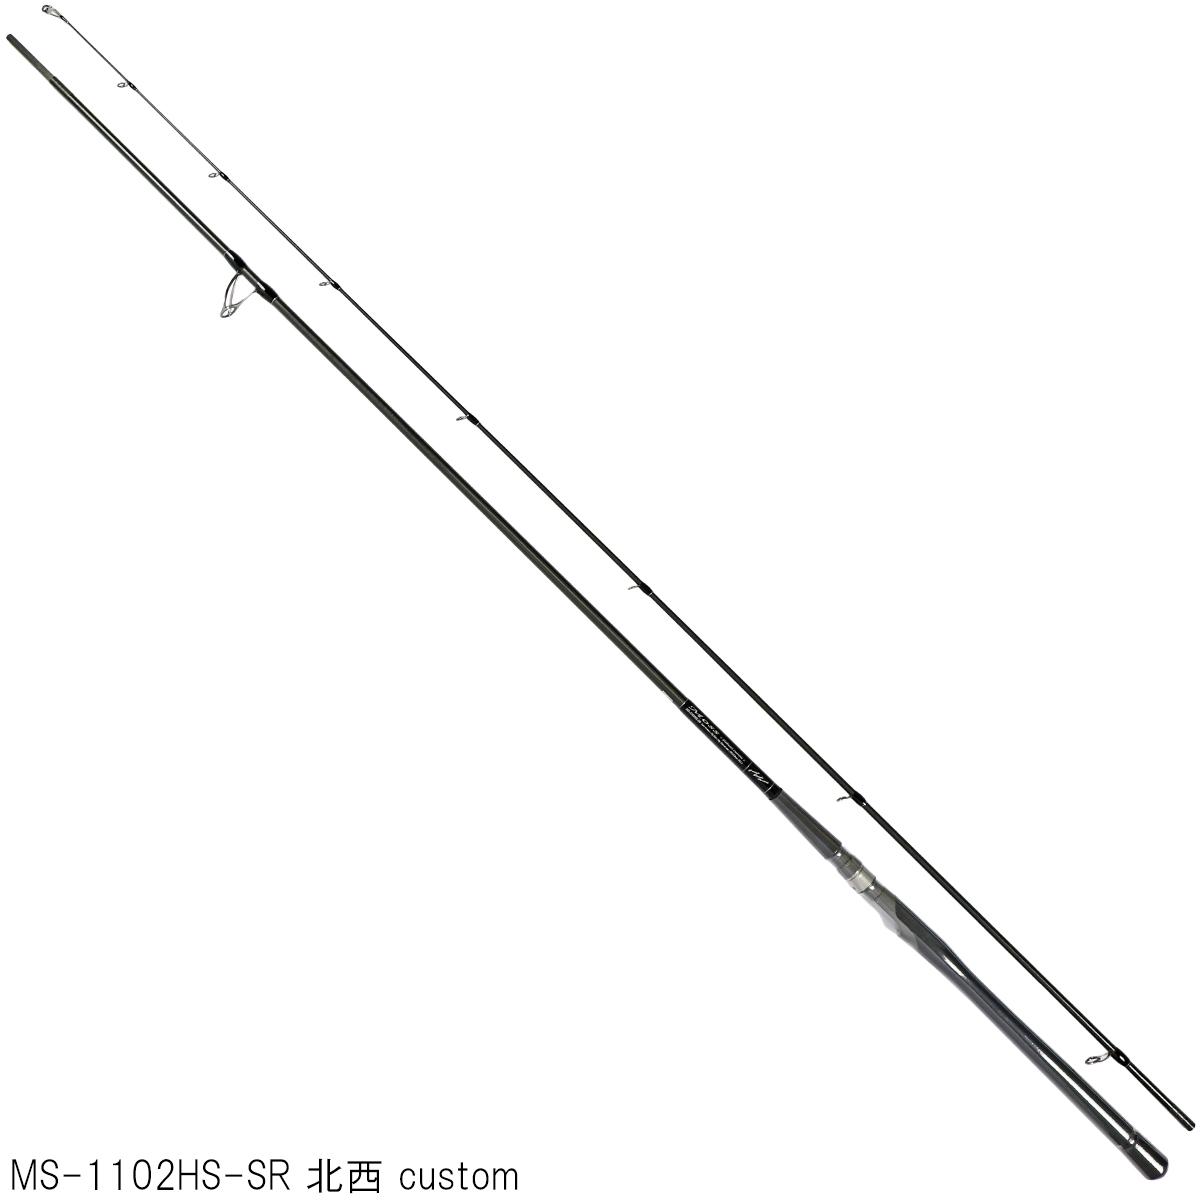 ジークラフト セブンセンス SR モス MS-1102HS-SR 北西 custom【大型商品】